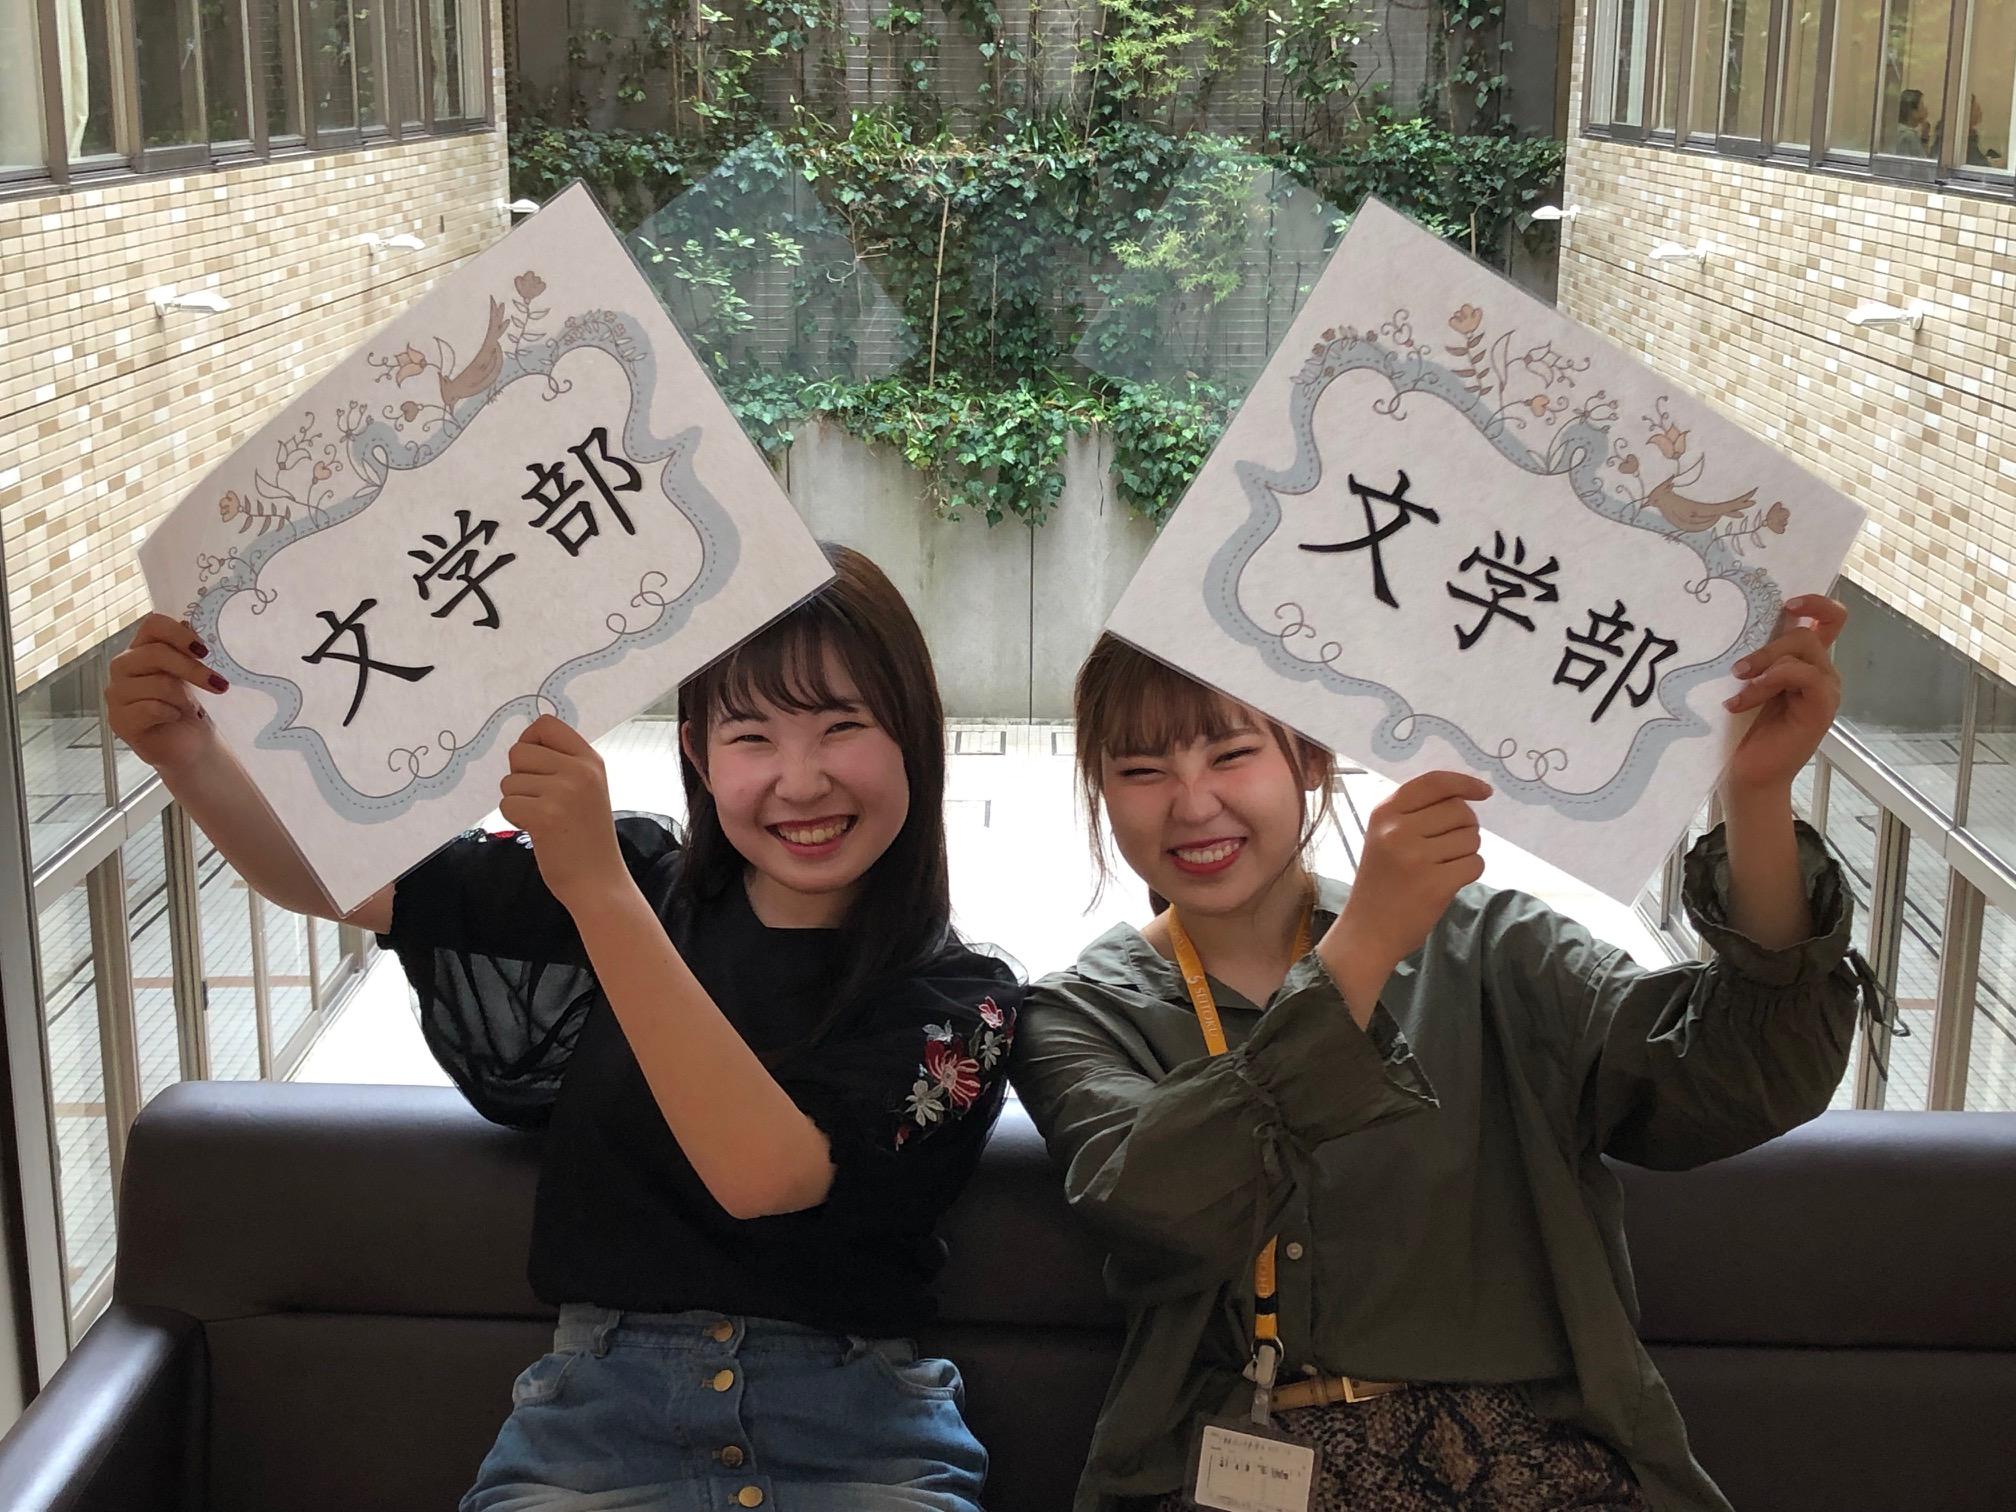 夏の文学部説明会、8月24日(土)・25日(日)開催!新しい入試制度の詳しい説明も同時開催